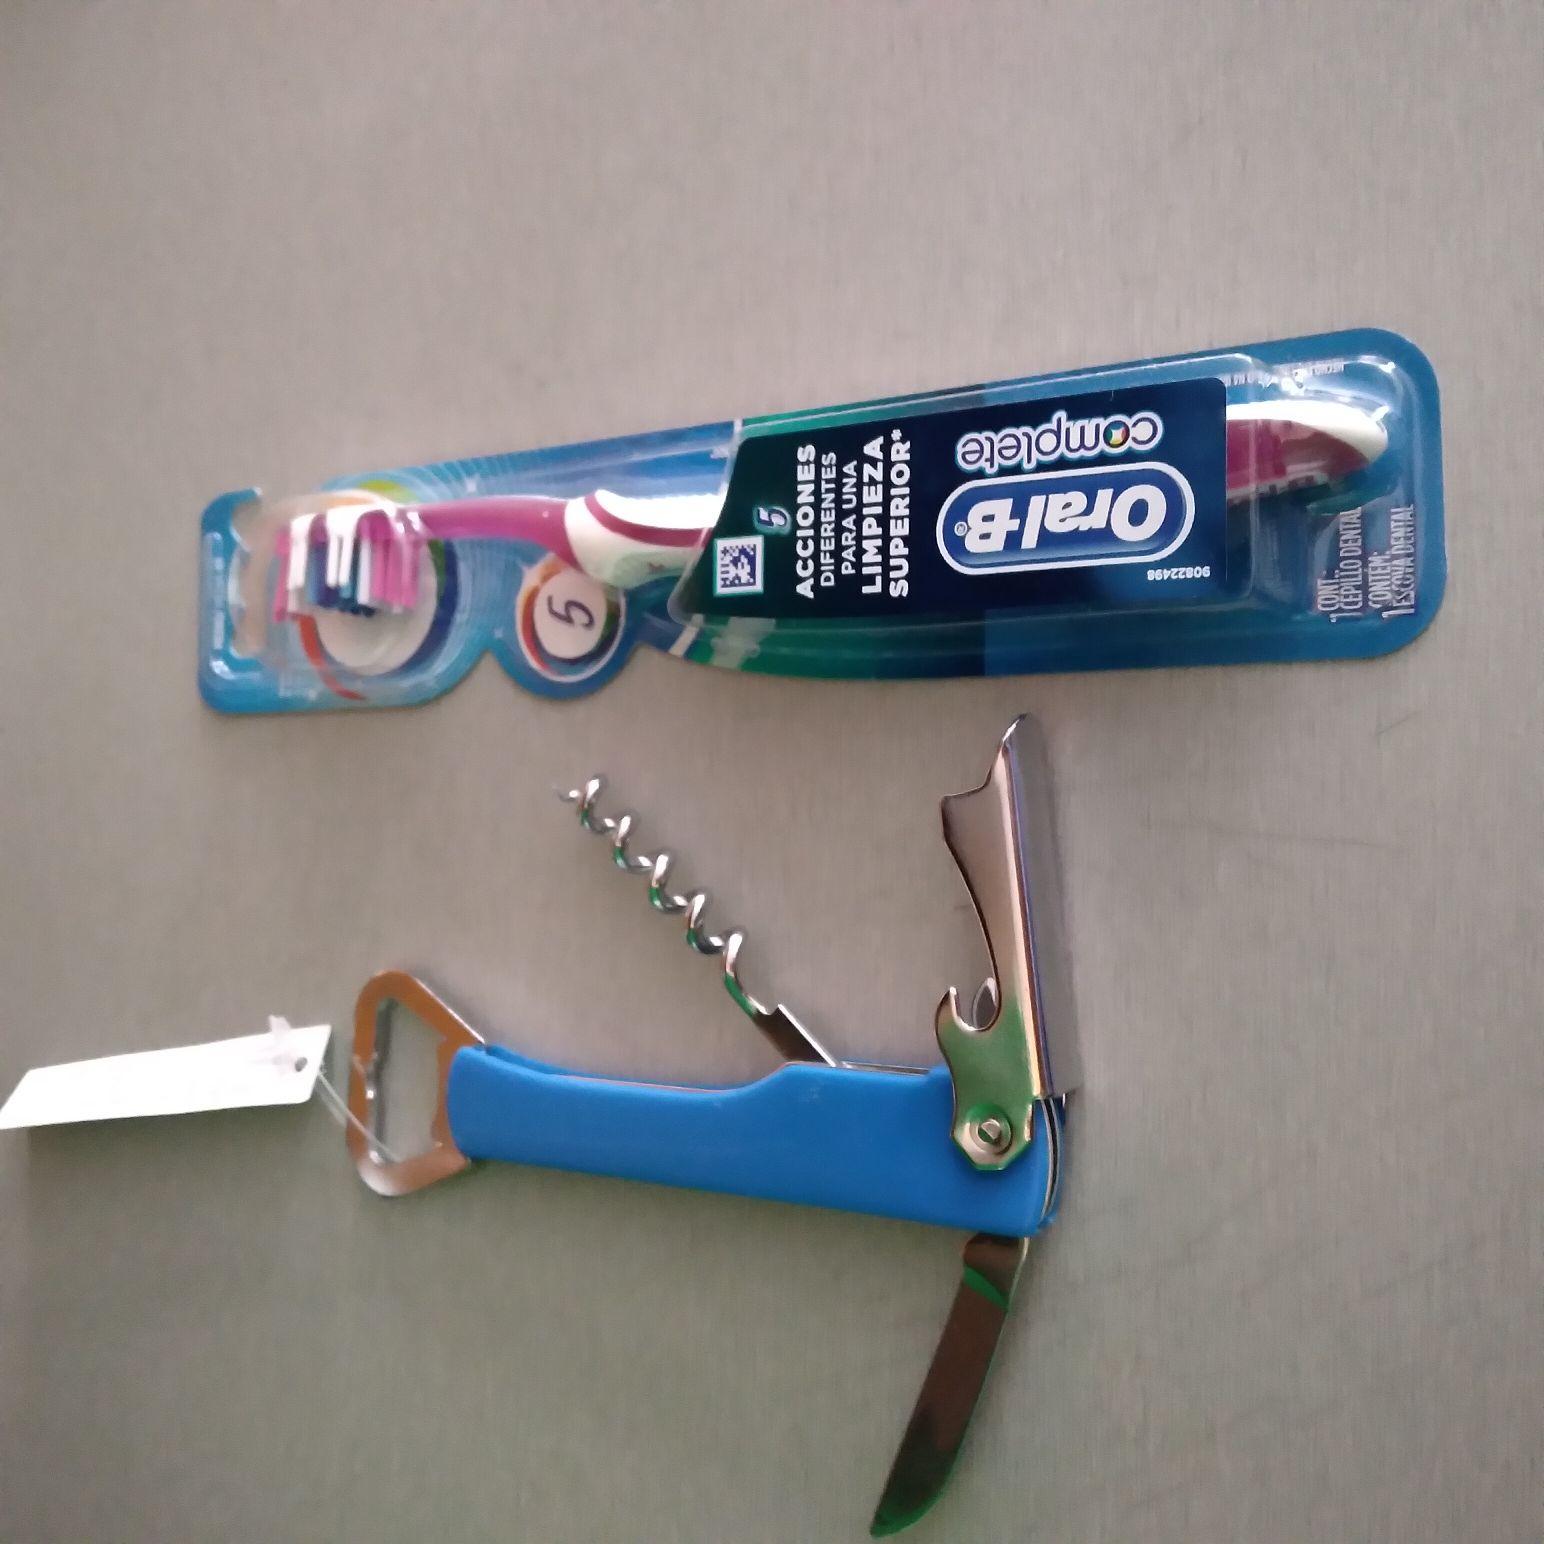 Comprado en bodega aurrera: destapador y cepillo dental